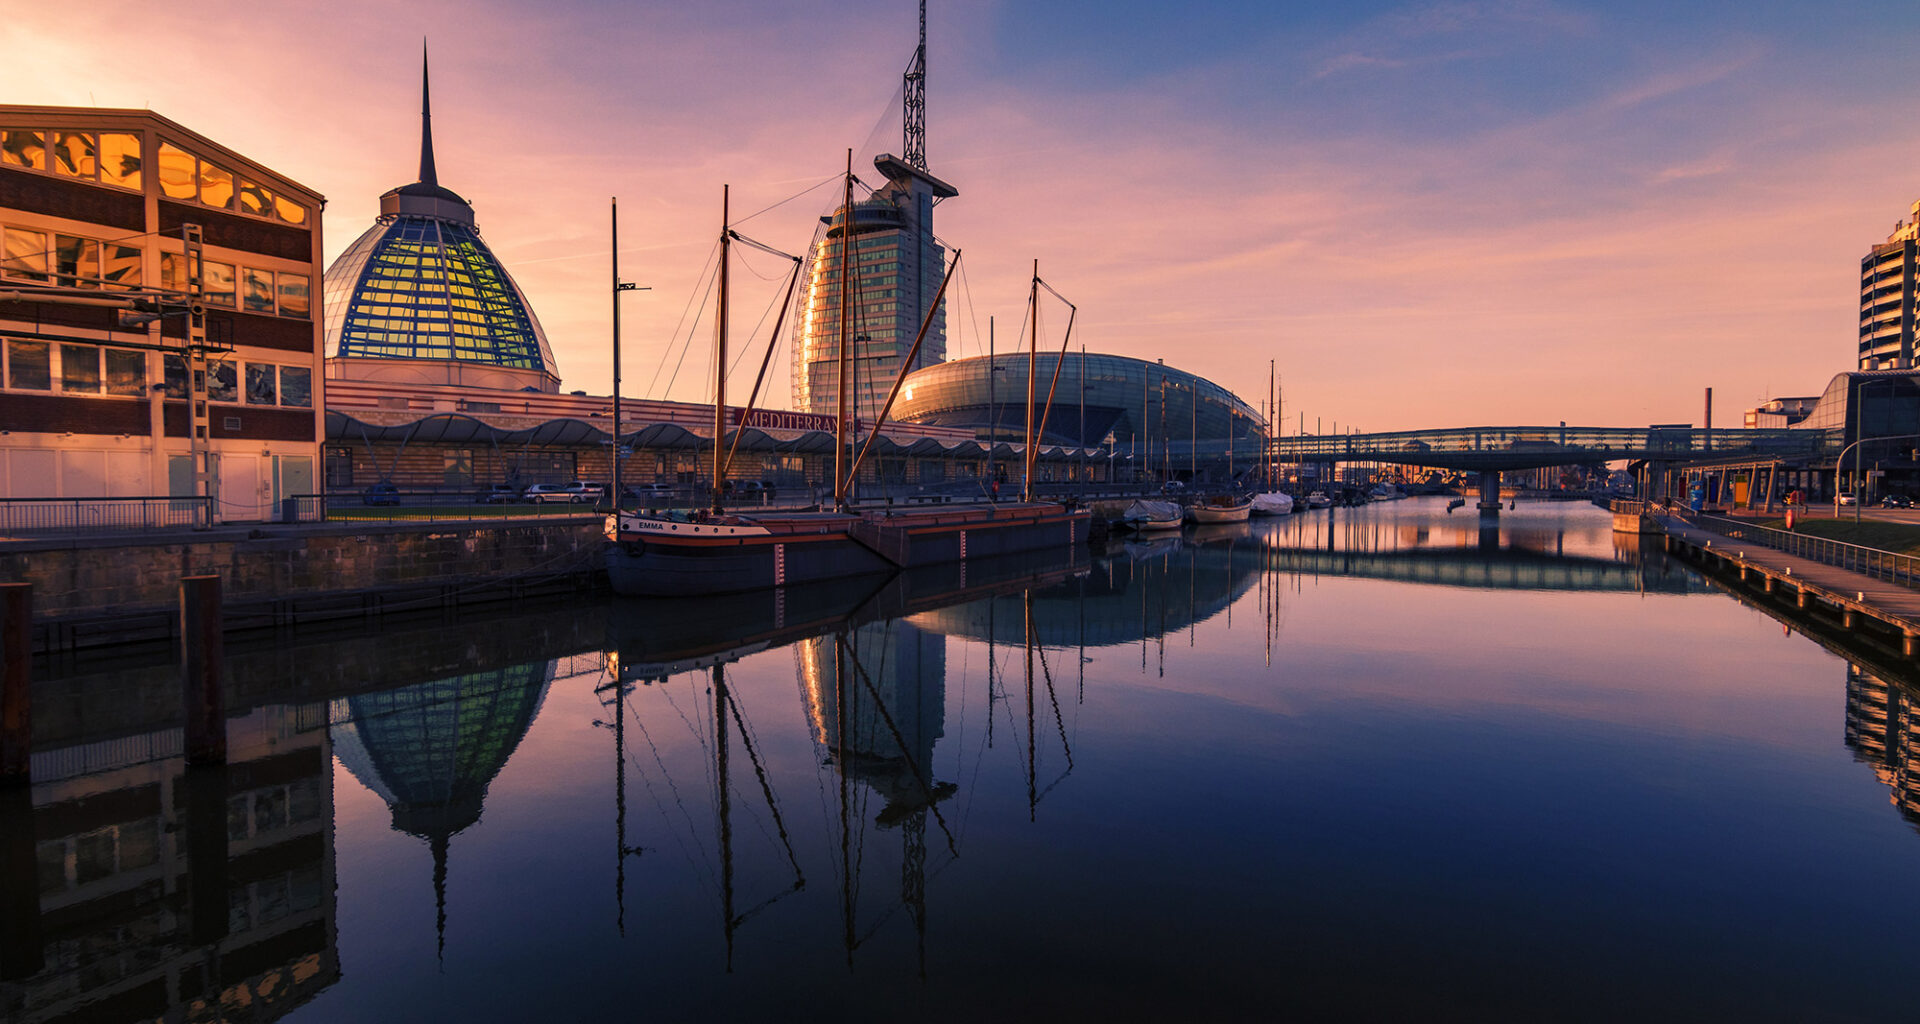 HAMANN DESIGN in Bremerhaven